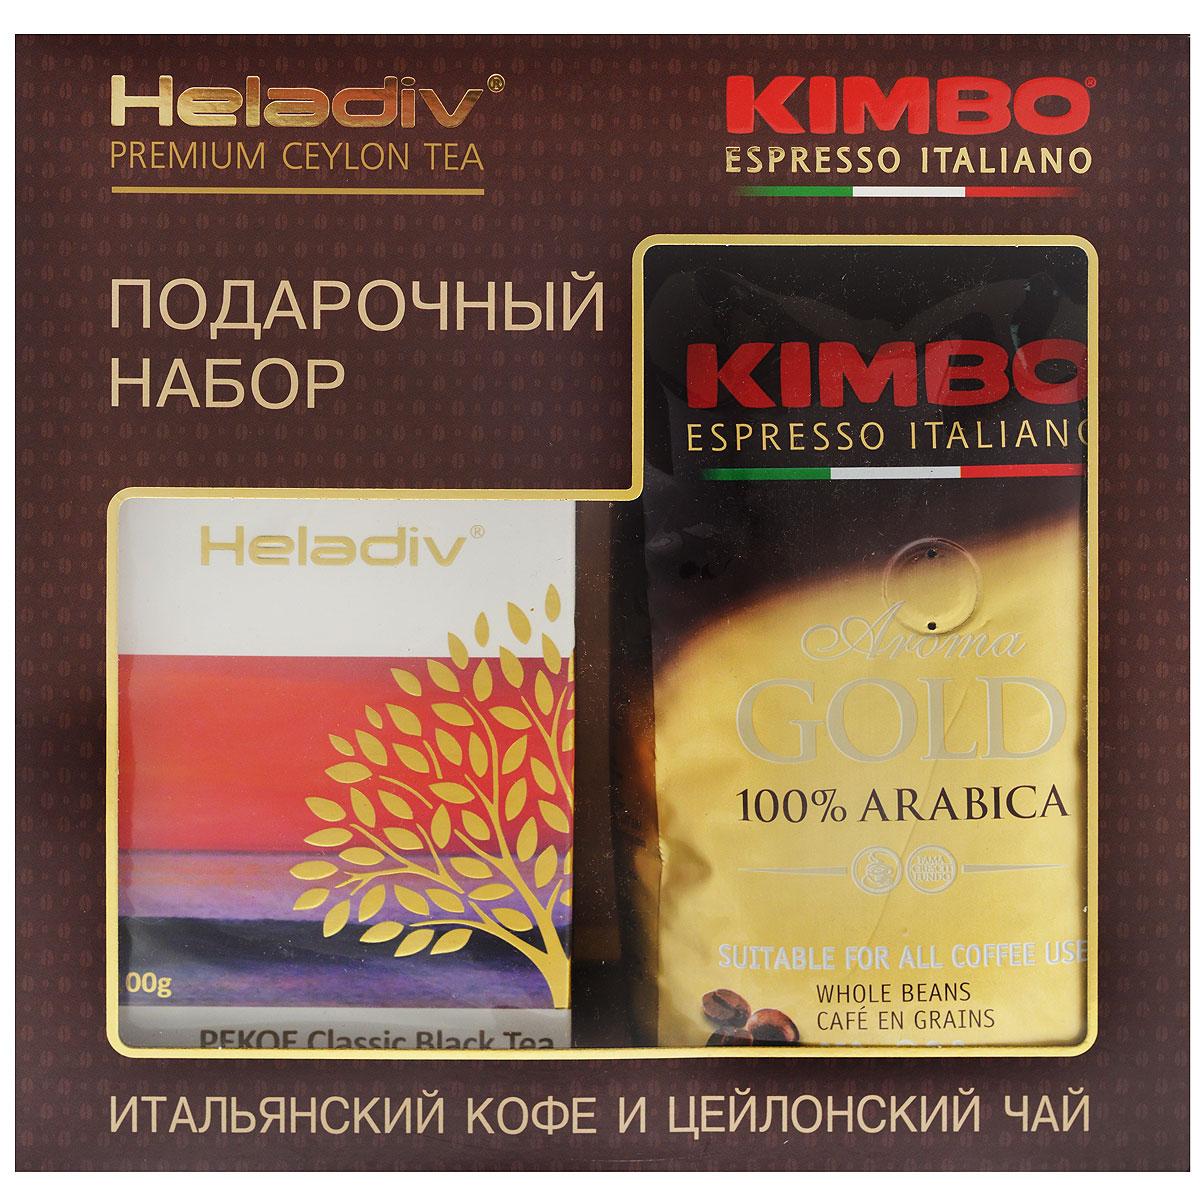 Heladiv Pekoe черный чай 100 г + Kimbo Aroma Gold 250 г кофе в зернах (подарочный набор)4623720876869Подарочный набор, состоящий из черного чая Heladiv Pekoe и превосходного зернового кофе легкой обжарки Kimbo Aroma Gold не оставит равнодушными истинных ценителей итальянского кофе и цейлонского чая! Heladiv Pekoe - крепкий тонизирующий чай ПЕКО из молодых, специально скрученных верхних листьев. Хеладив ПЕКО чай самого высокого качества. Для усиления его тонизирующих свойств отборный крупный лист подвергают специальной обработке. Обладает насыщенным медным прозрачным настоем и слегка терпким вкусом. Набор включает в себя кофе в зернах Kimbo Gold Arabica (250 г) и крупнолистовой чай Heladiv pekoe (100 г).